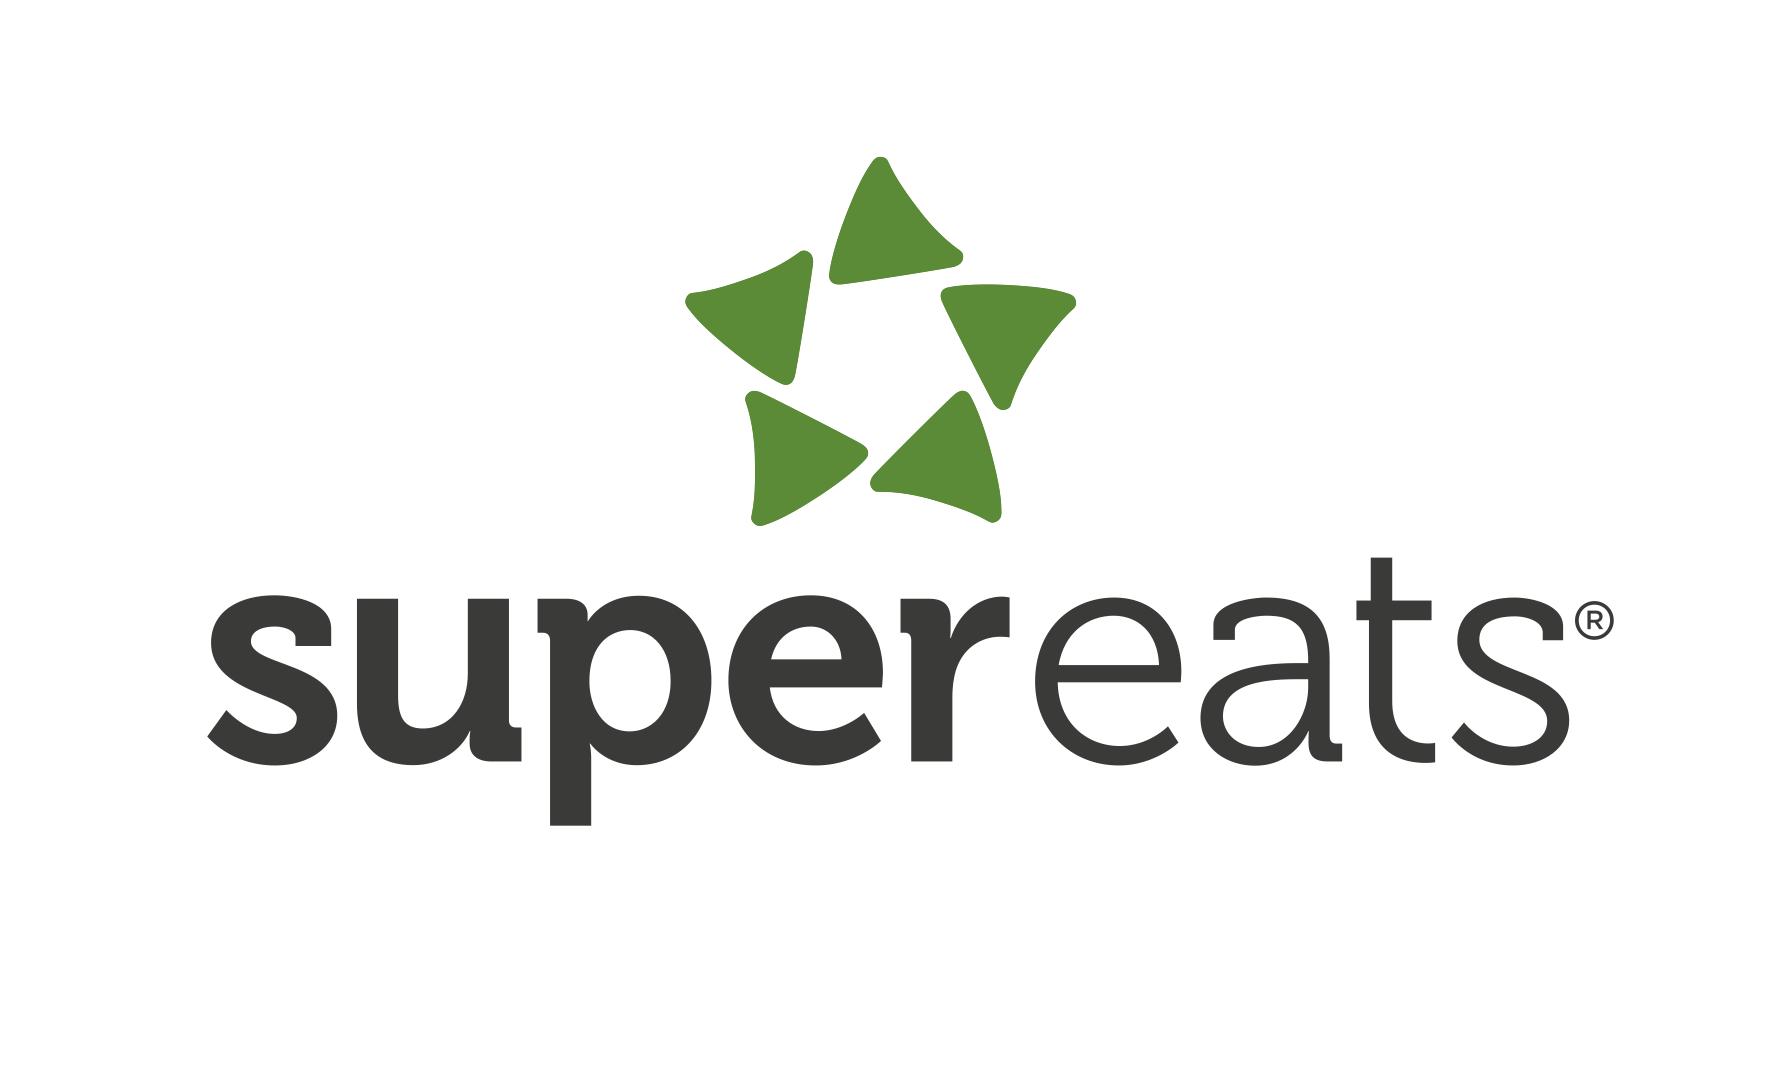 Supereats company logo